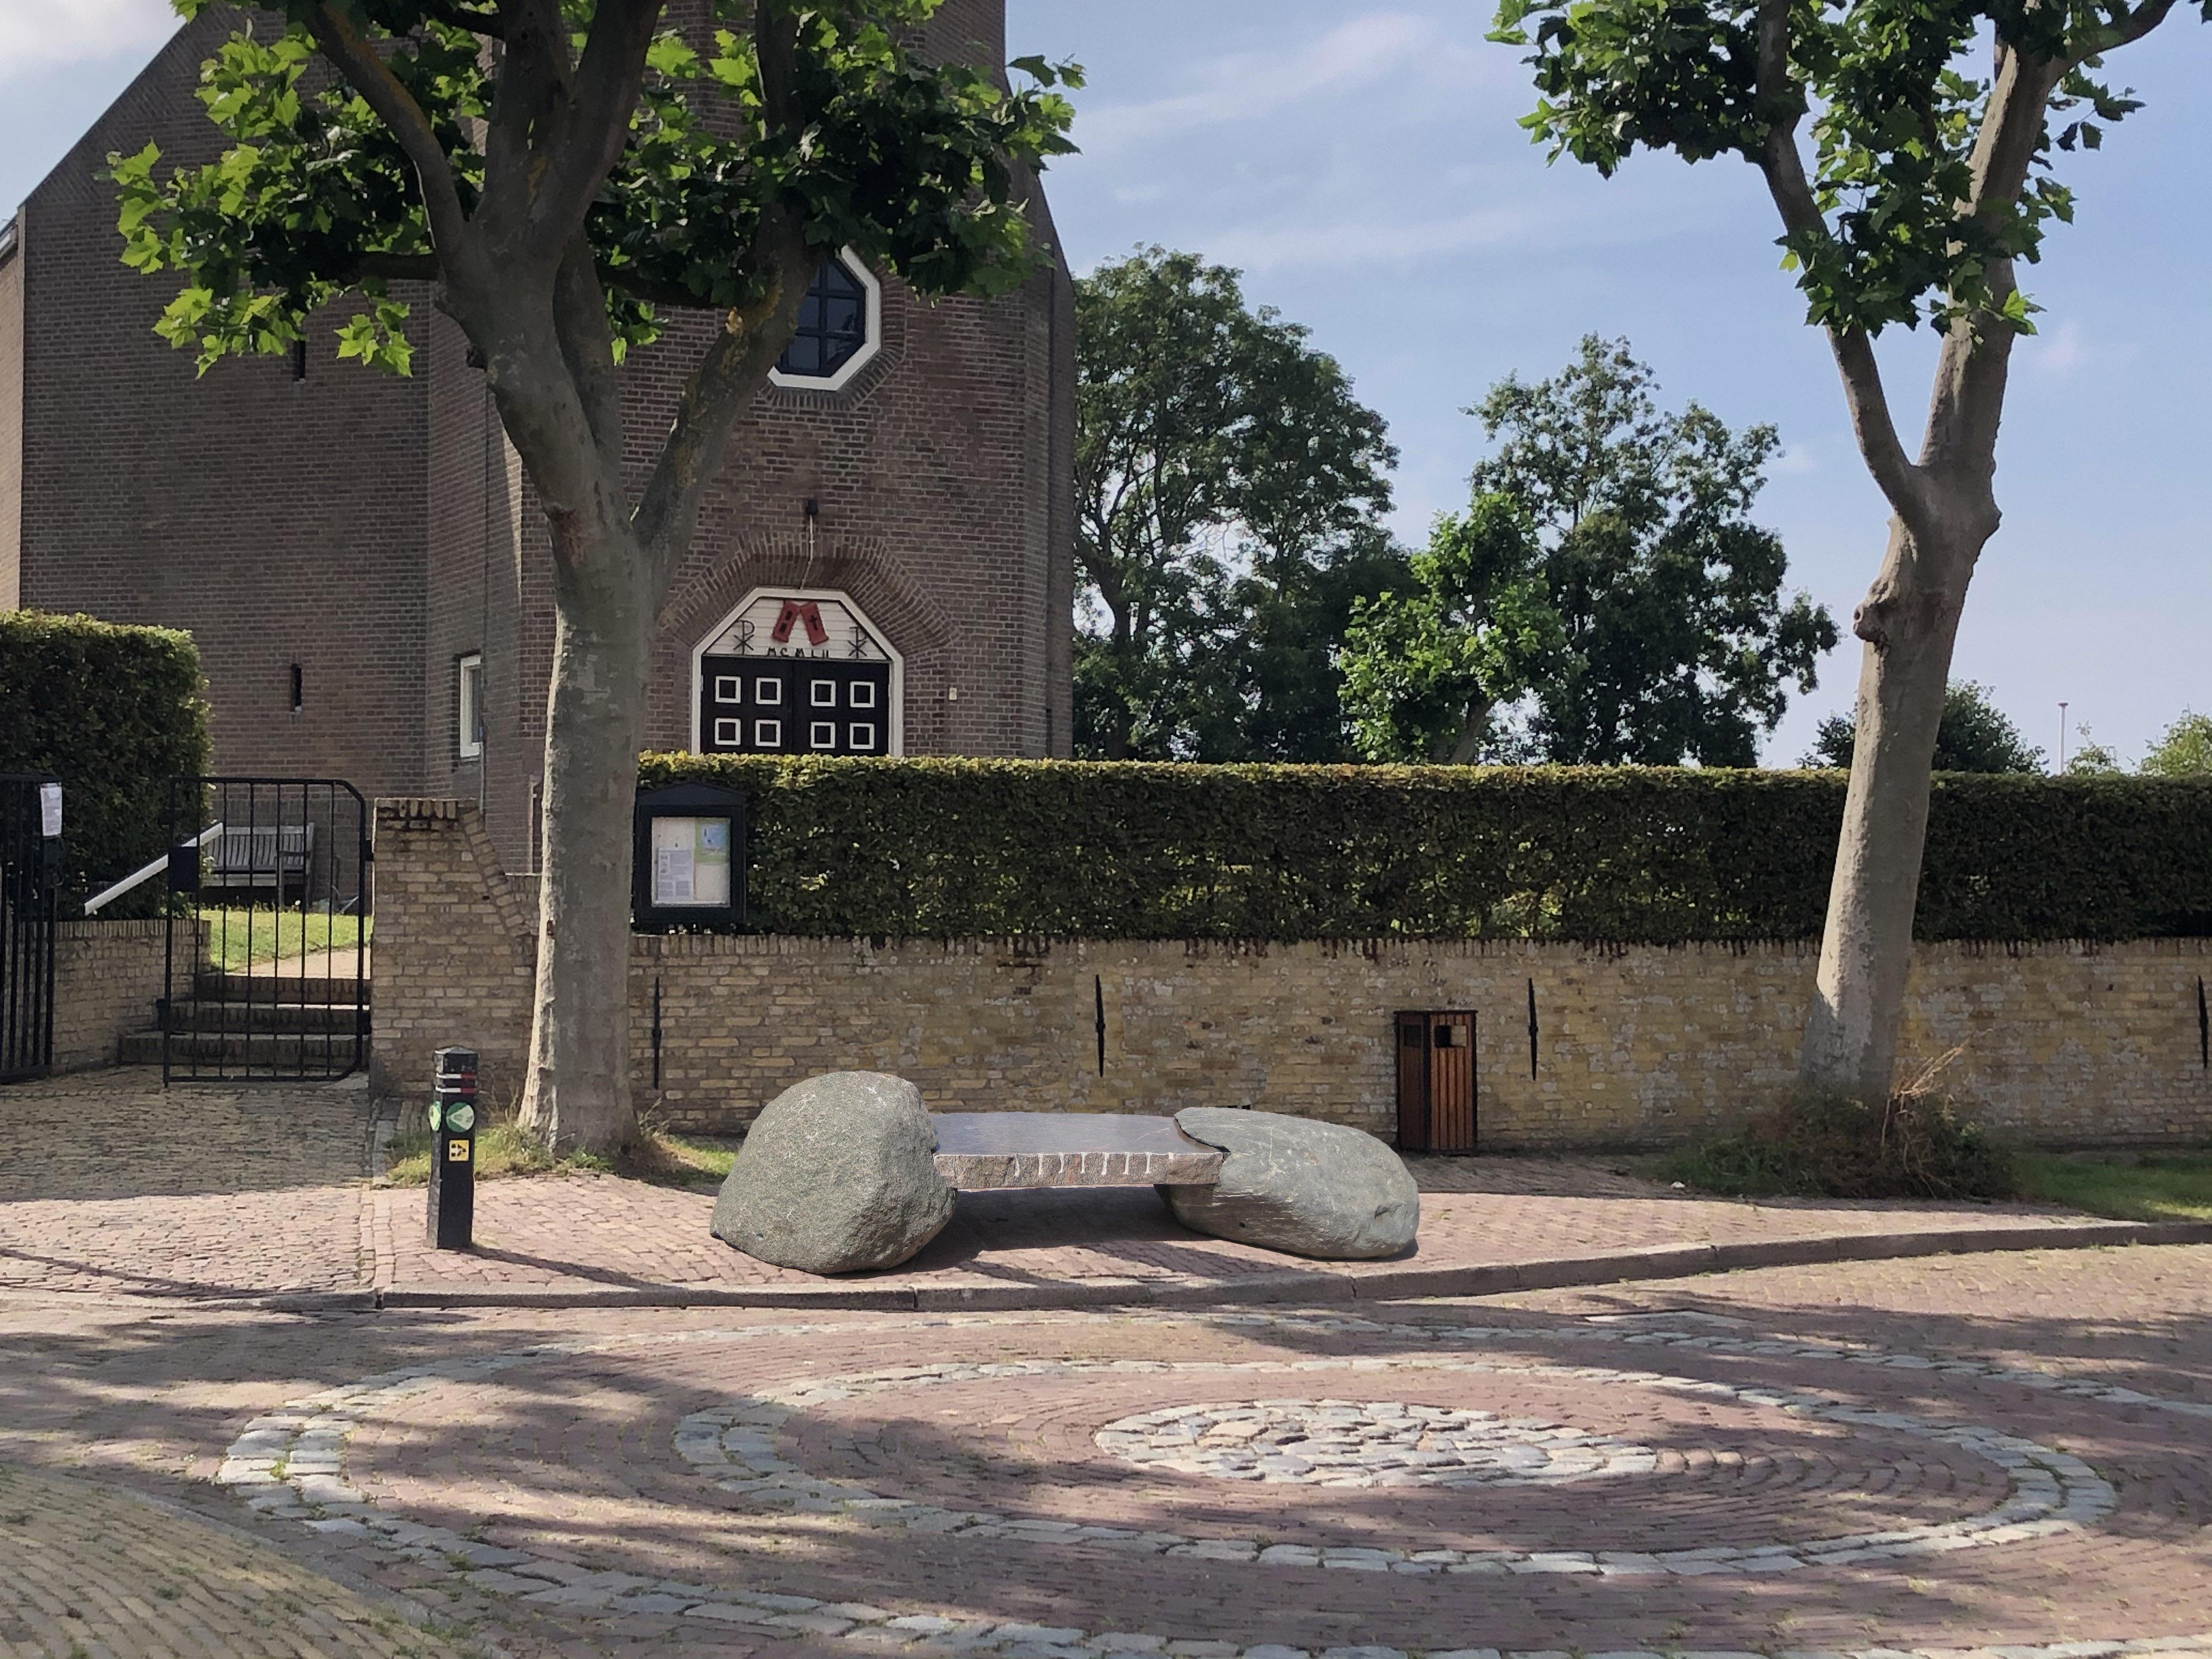 Eigenwijs De Waal kiest kunstwerk van Ton Kalle. 'Ik dacht: als ze dít niet leuk vinden...'